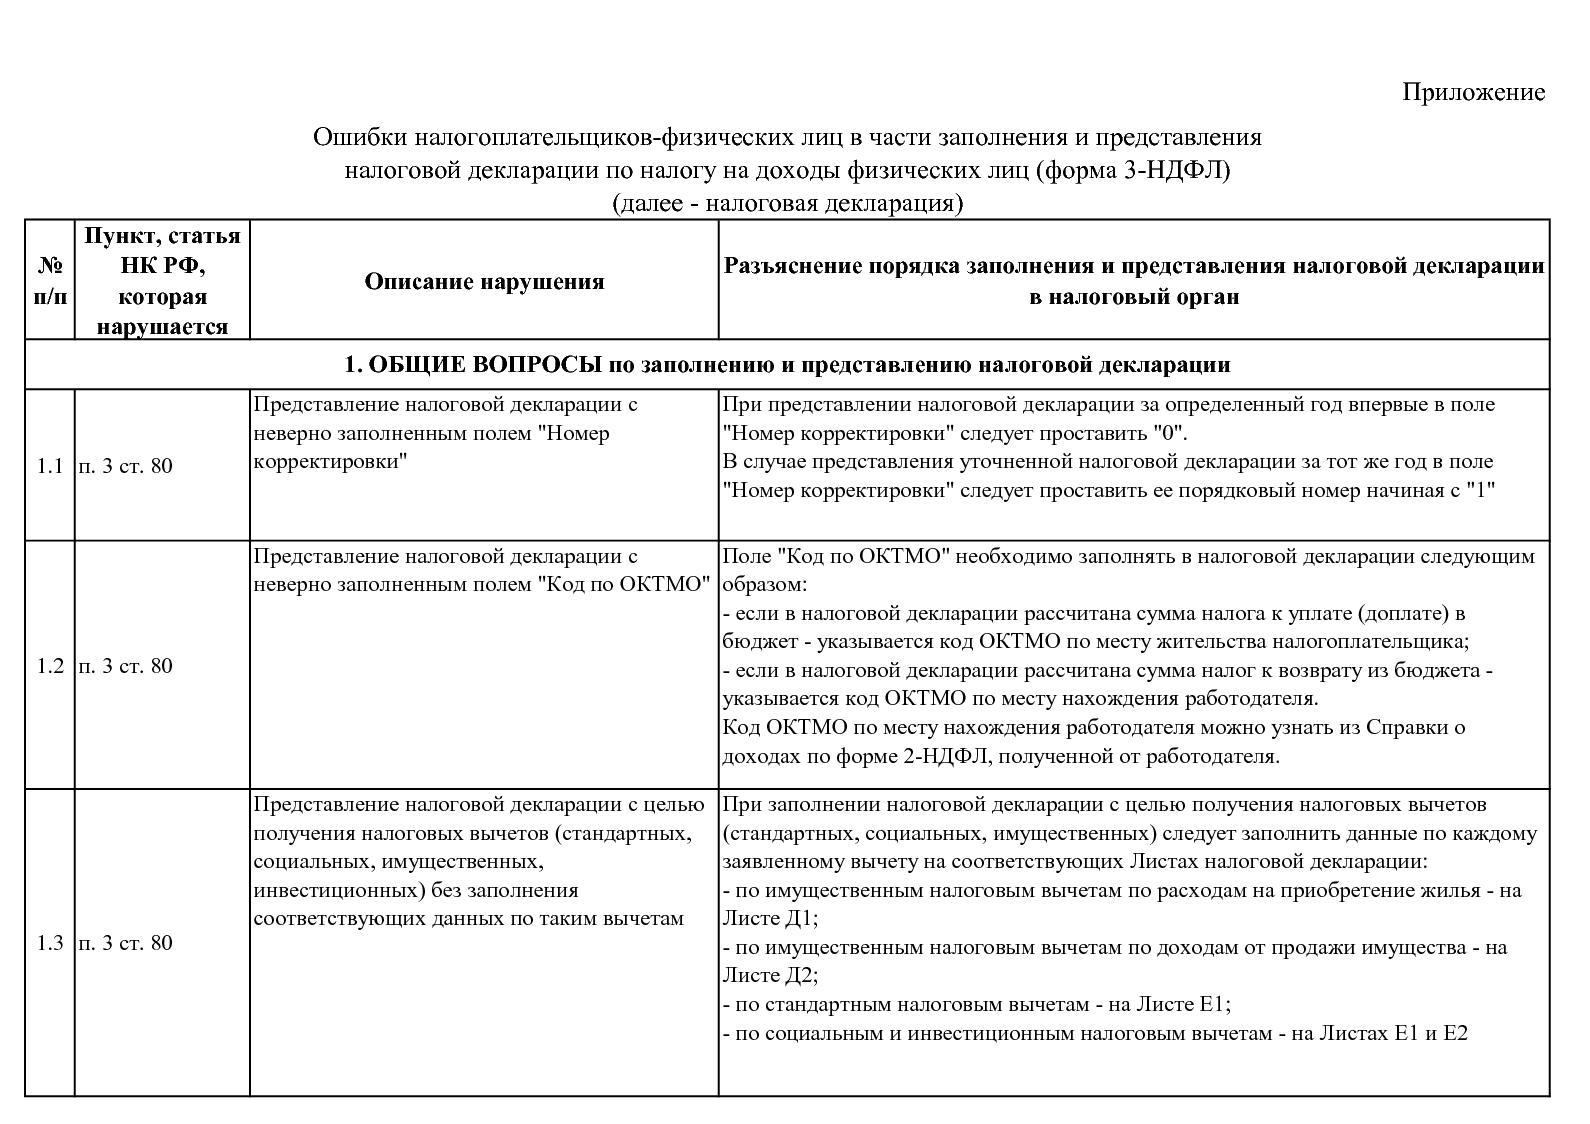 Ошибки в налоговой декларации ндфл размер госпошлины за регистрацию юл и ип